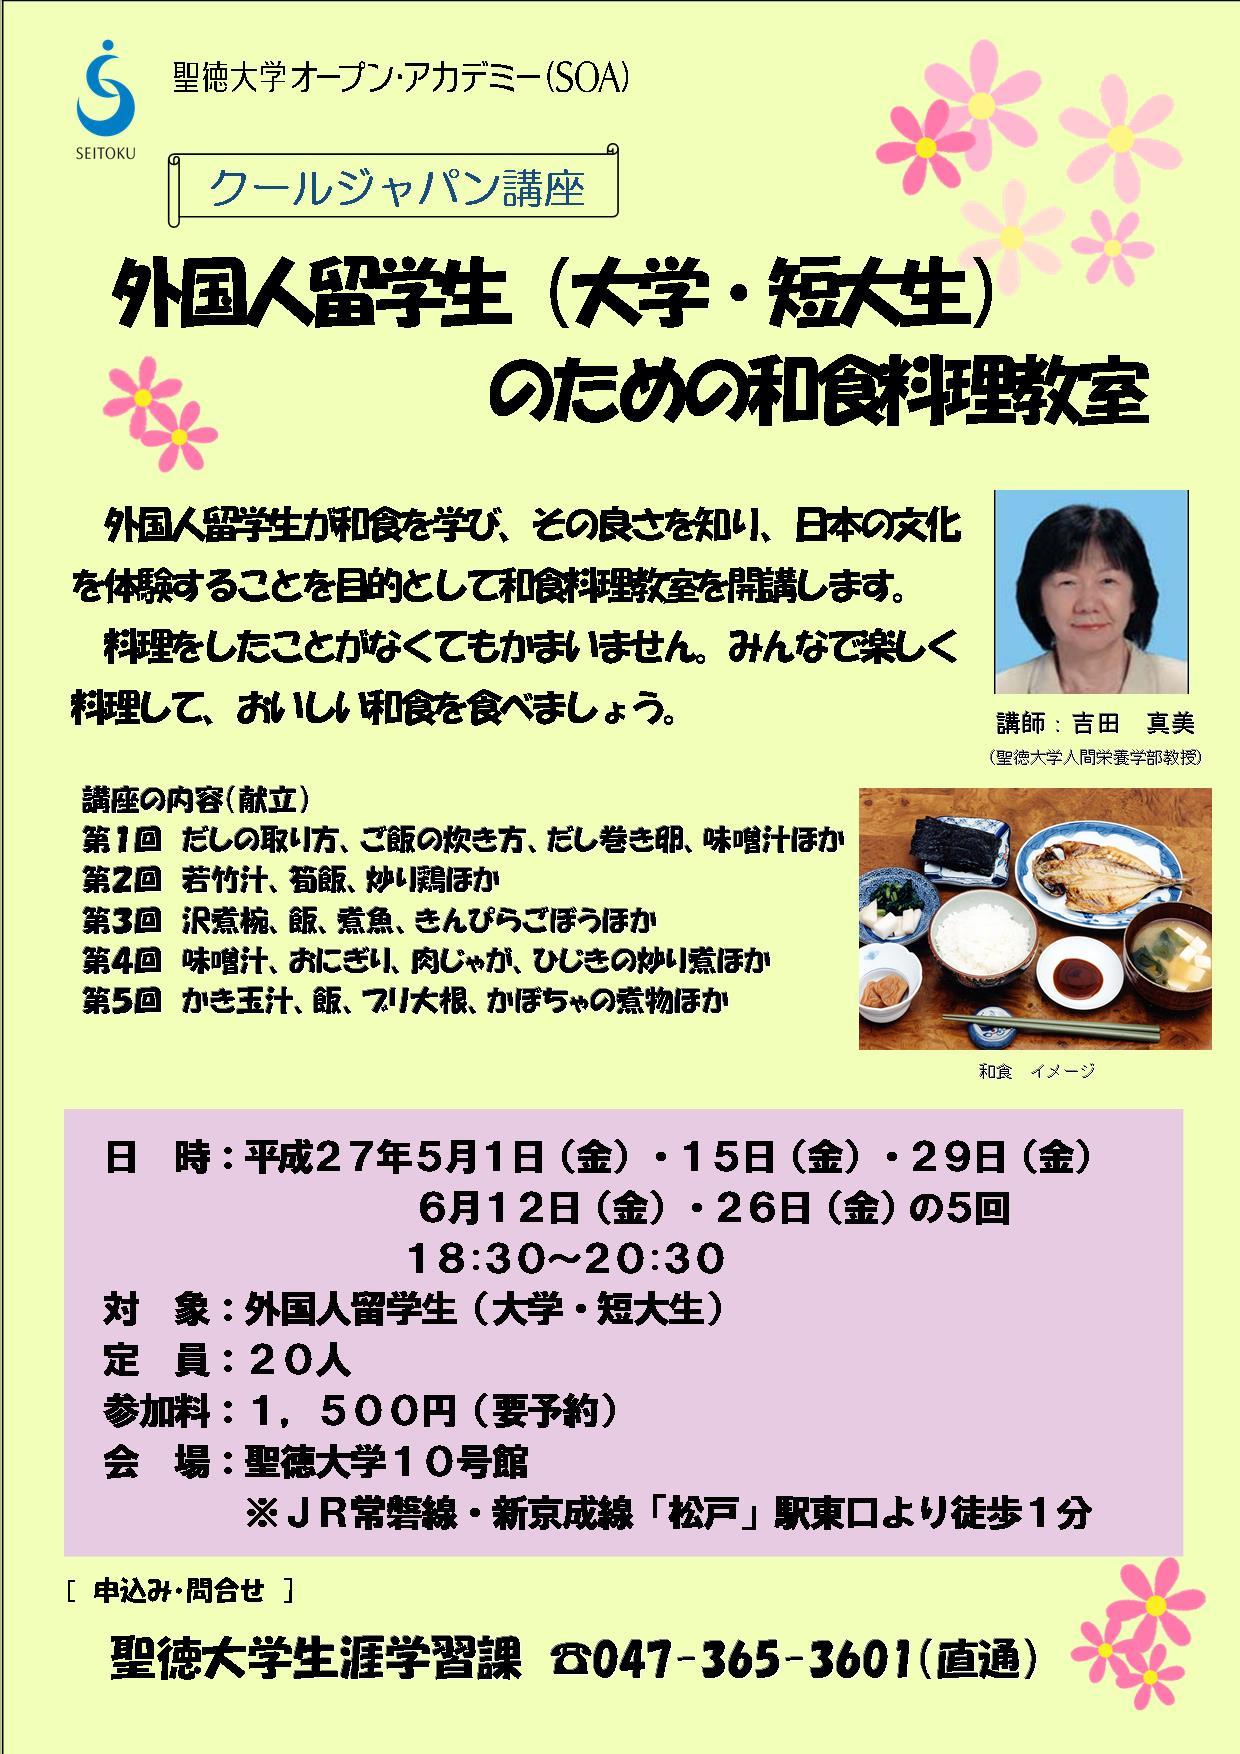 聖徳大学オープン・アカデミー(SOA)が外国人留学生(大学・短大生)のための和食料理教室を開催